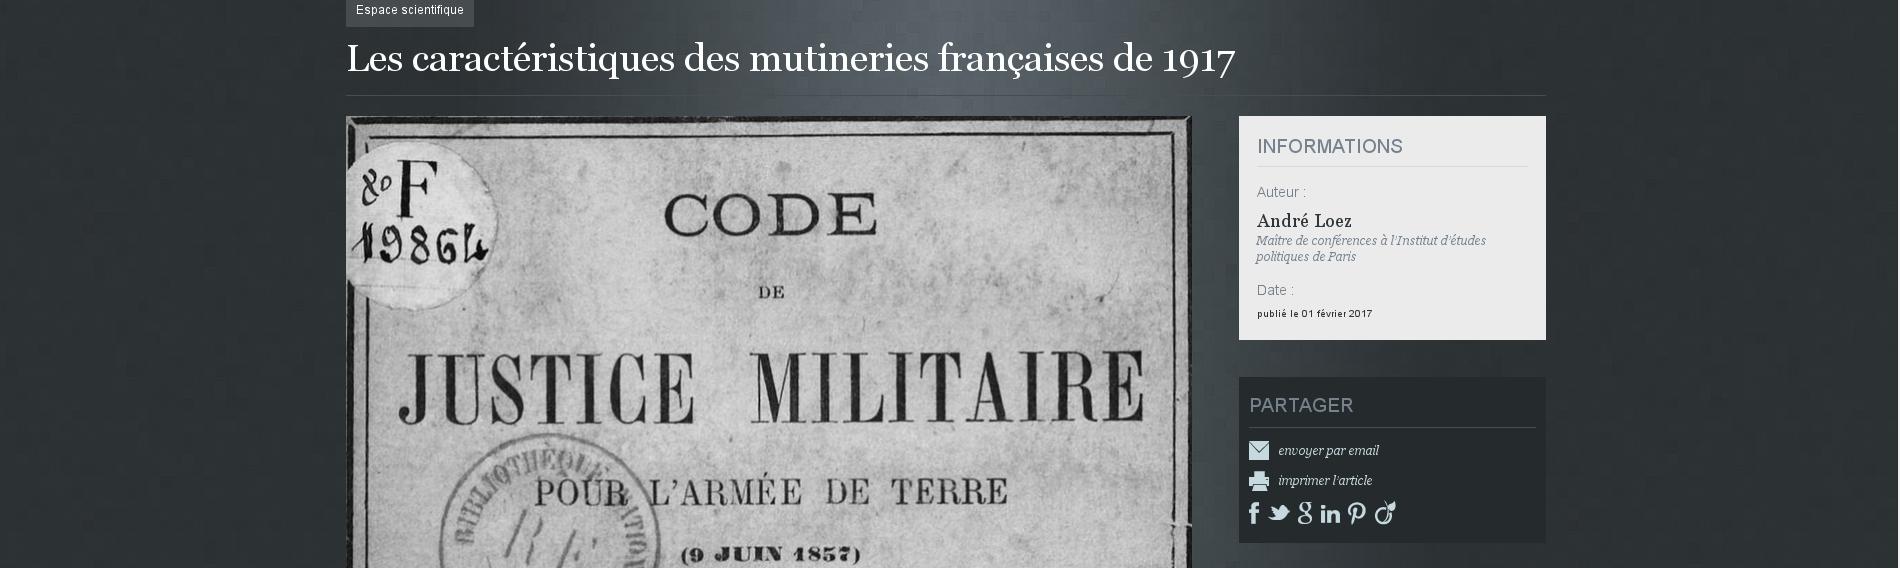 Mise au point historiographique sur les mutineries de 1917